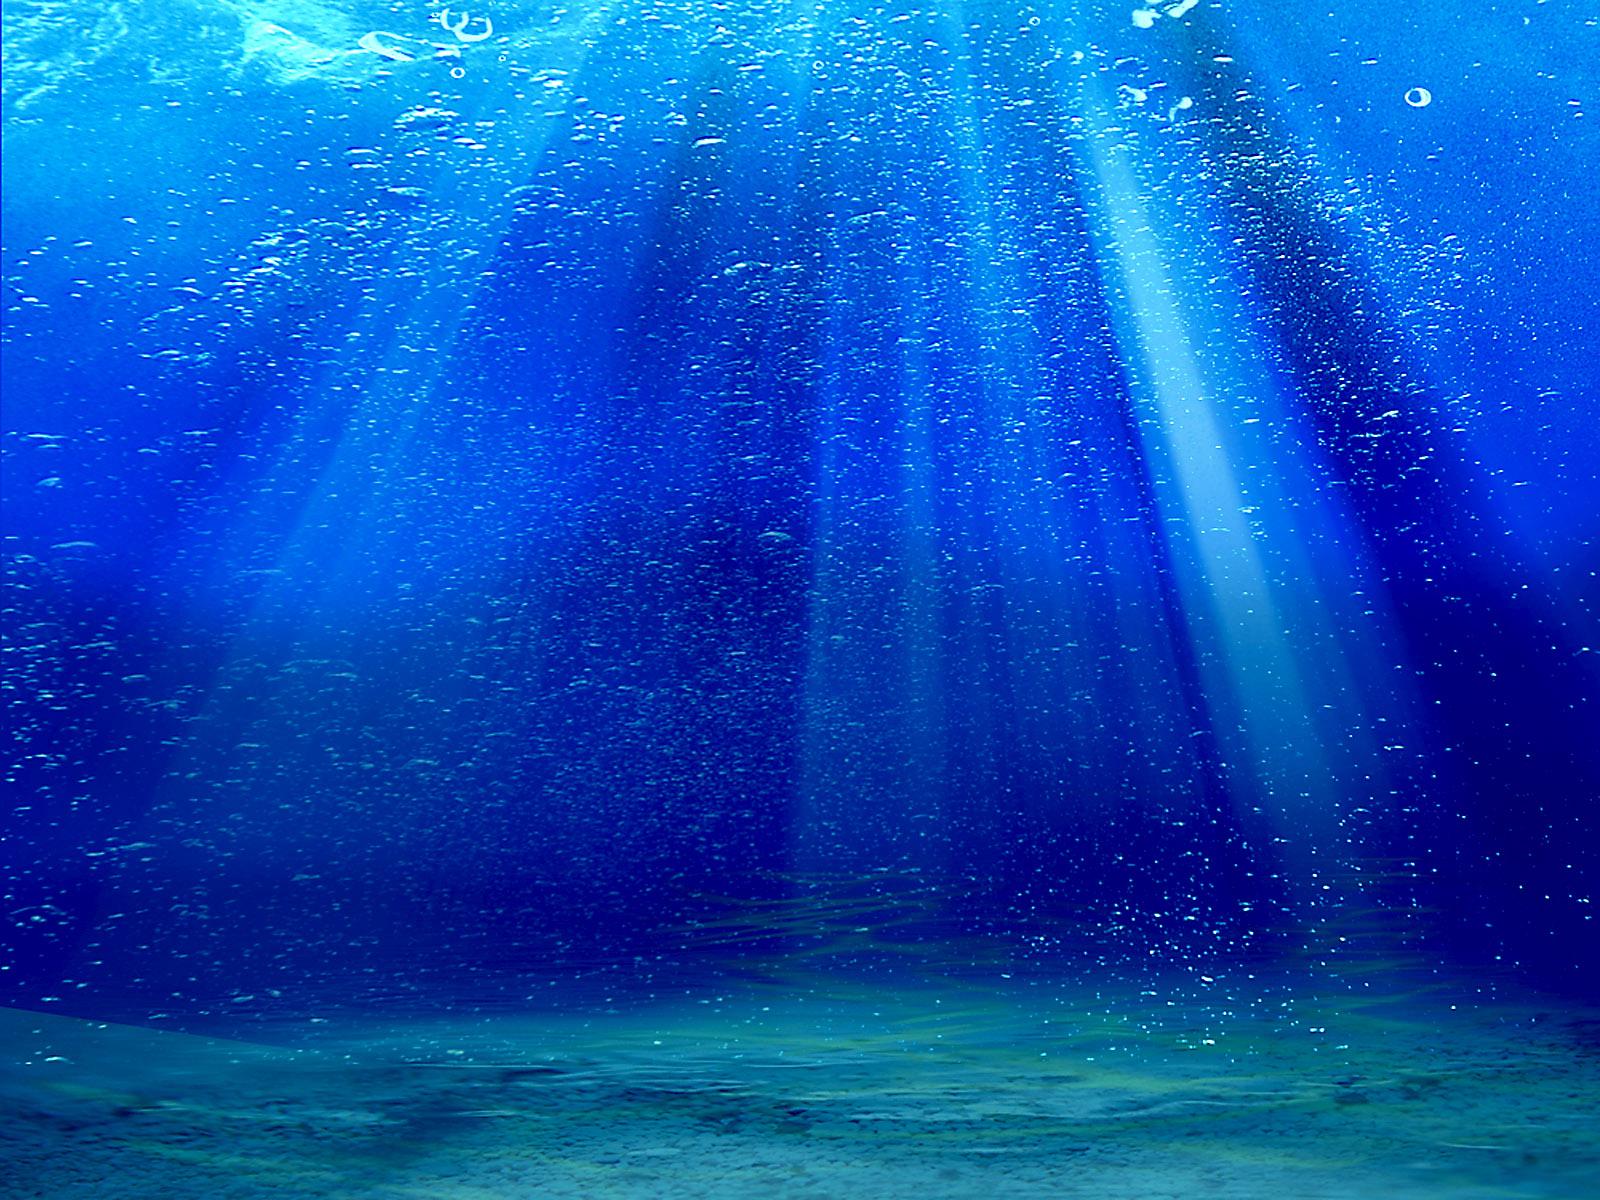 Для дедушки, картинки в синем цвете море